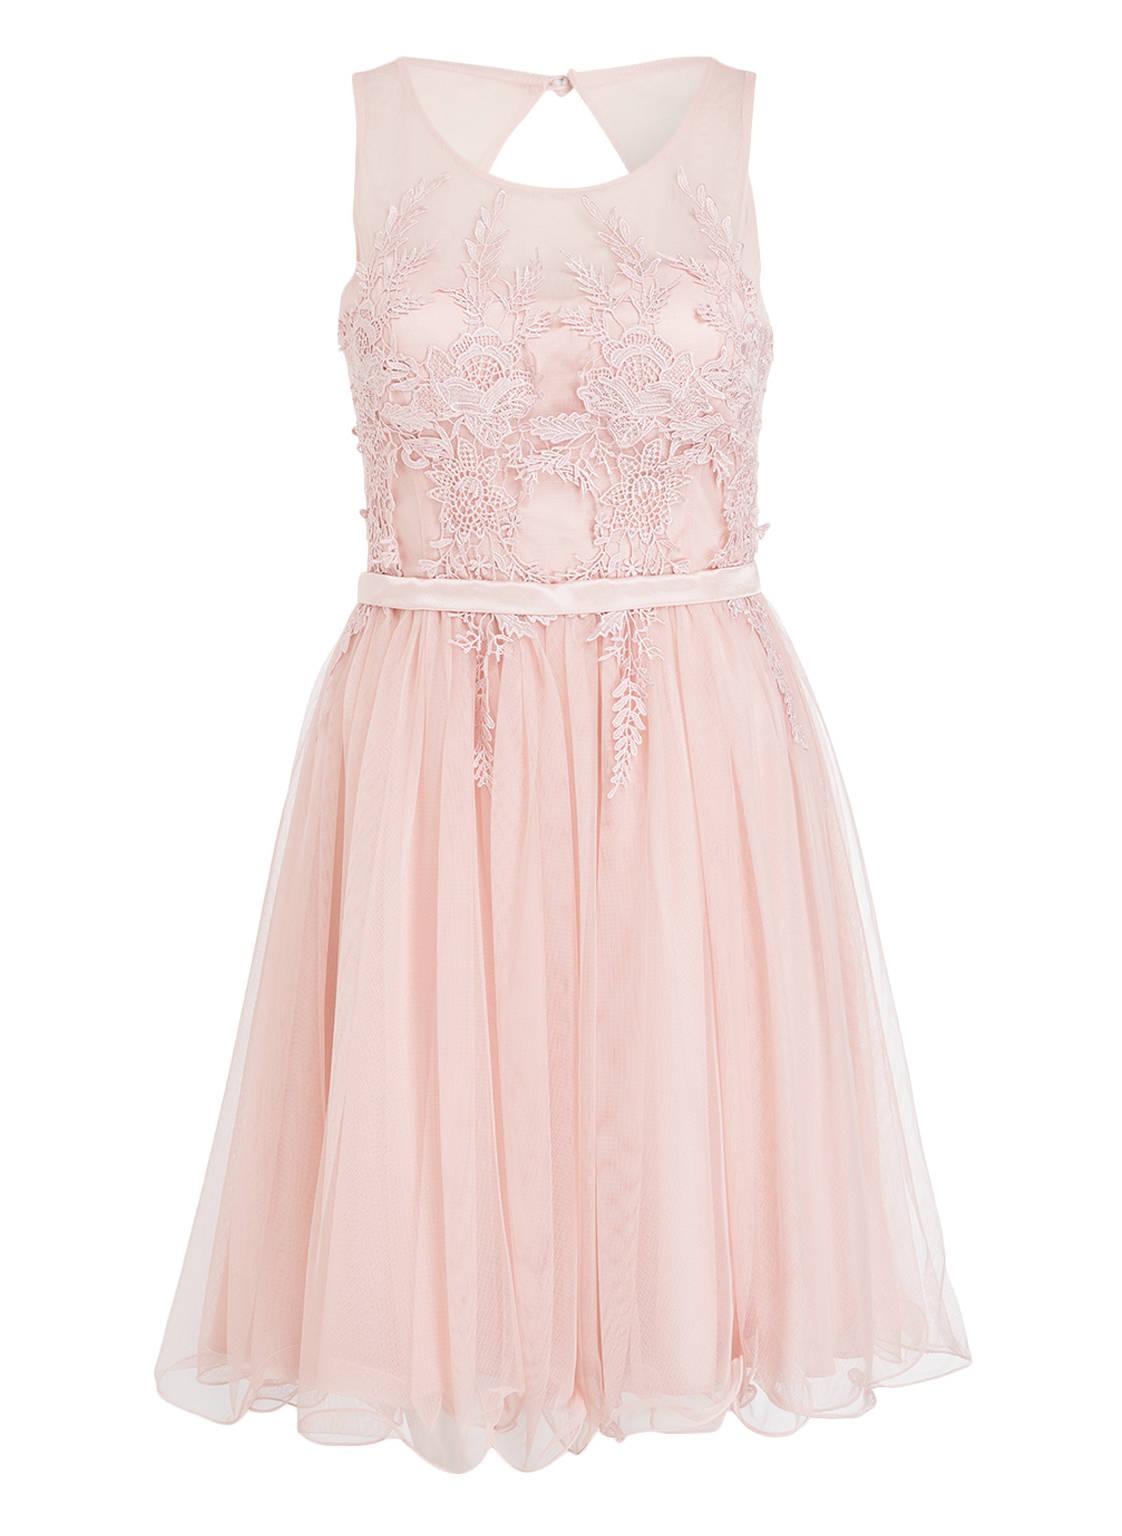 Vera mont kleid grau rosa - Stylische Kleider für jeden tag